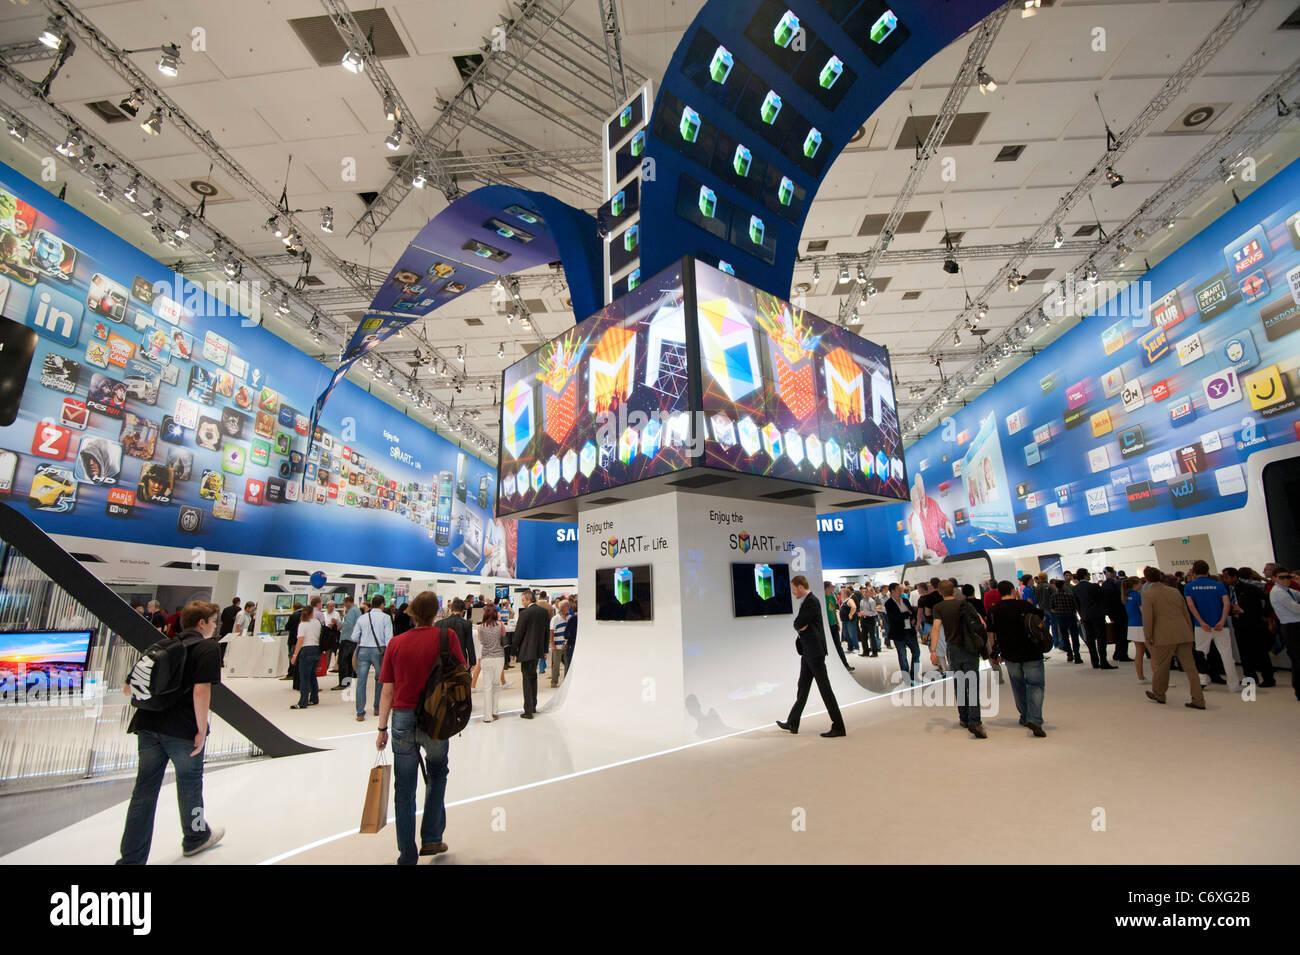 Samsung Electronics Stock Photos & Samsung Electronics Stock